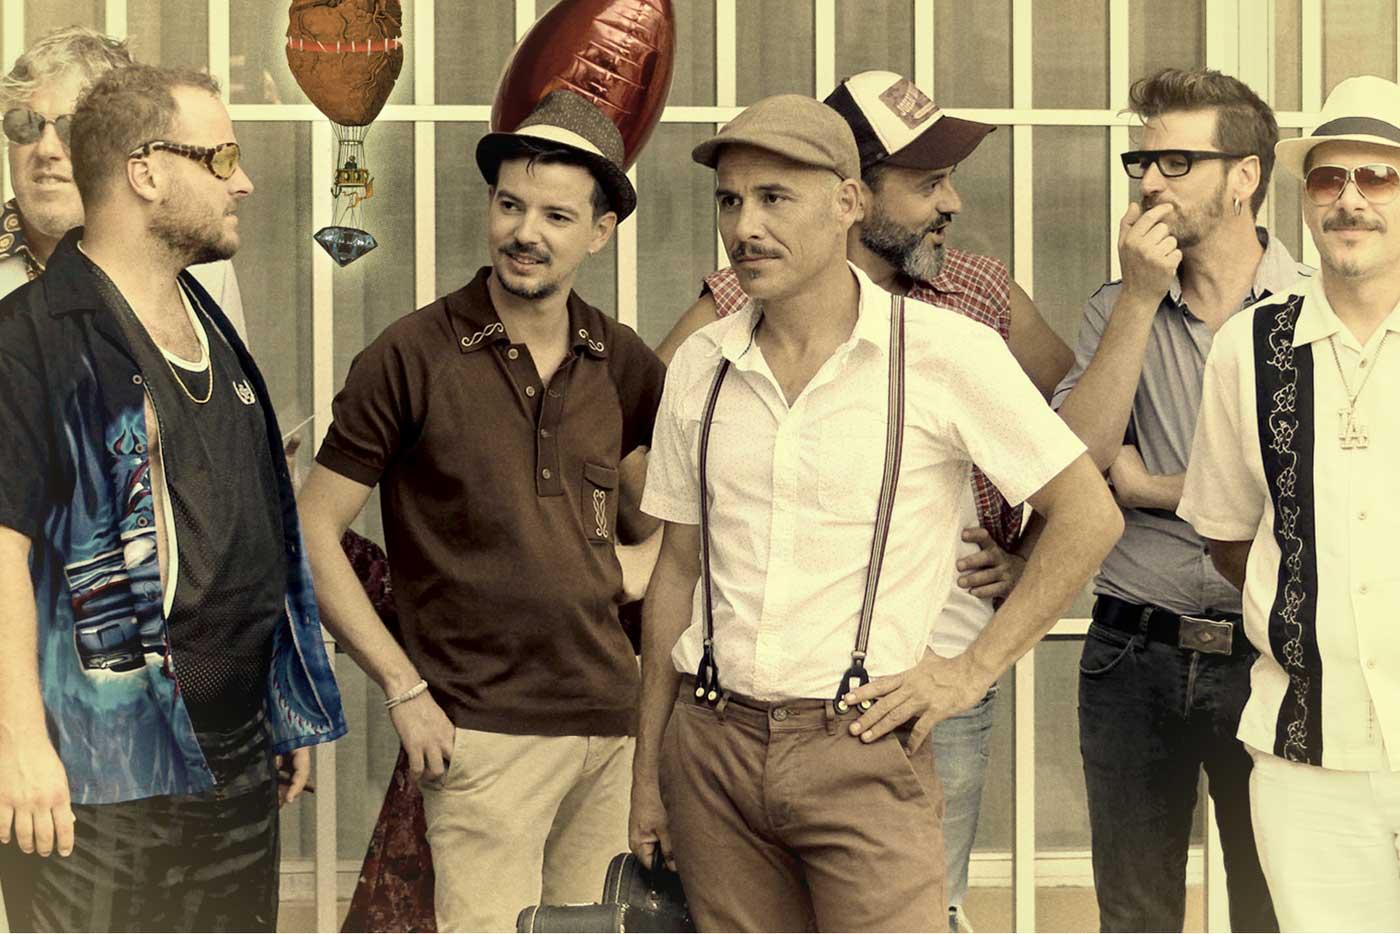 Estrenamos el nuevo videoclip de Dinamo y Tony Moreno (Eskorzo)